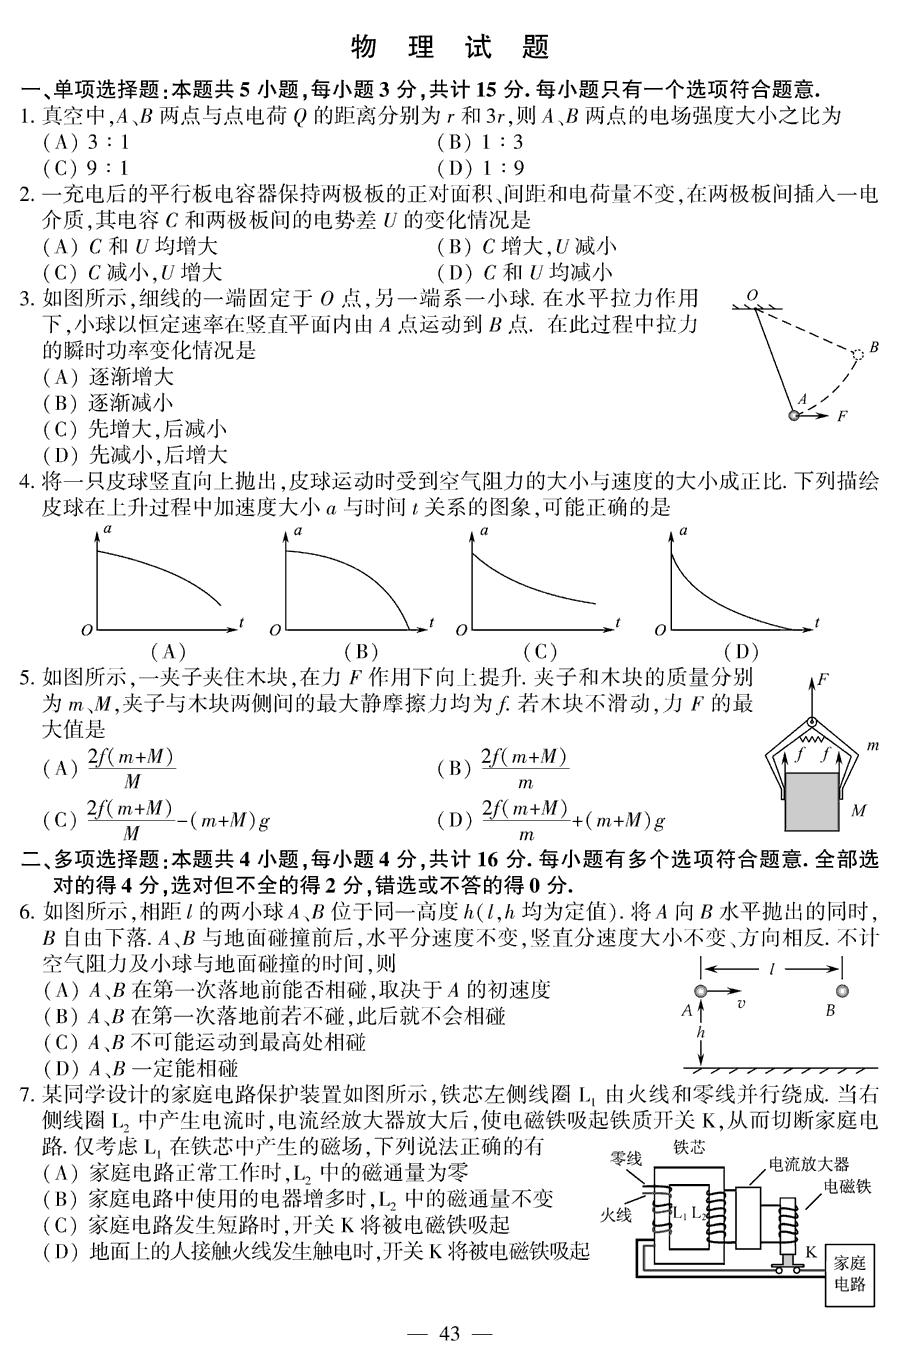 2012年江苏高考物理试题及答案